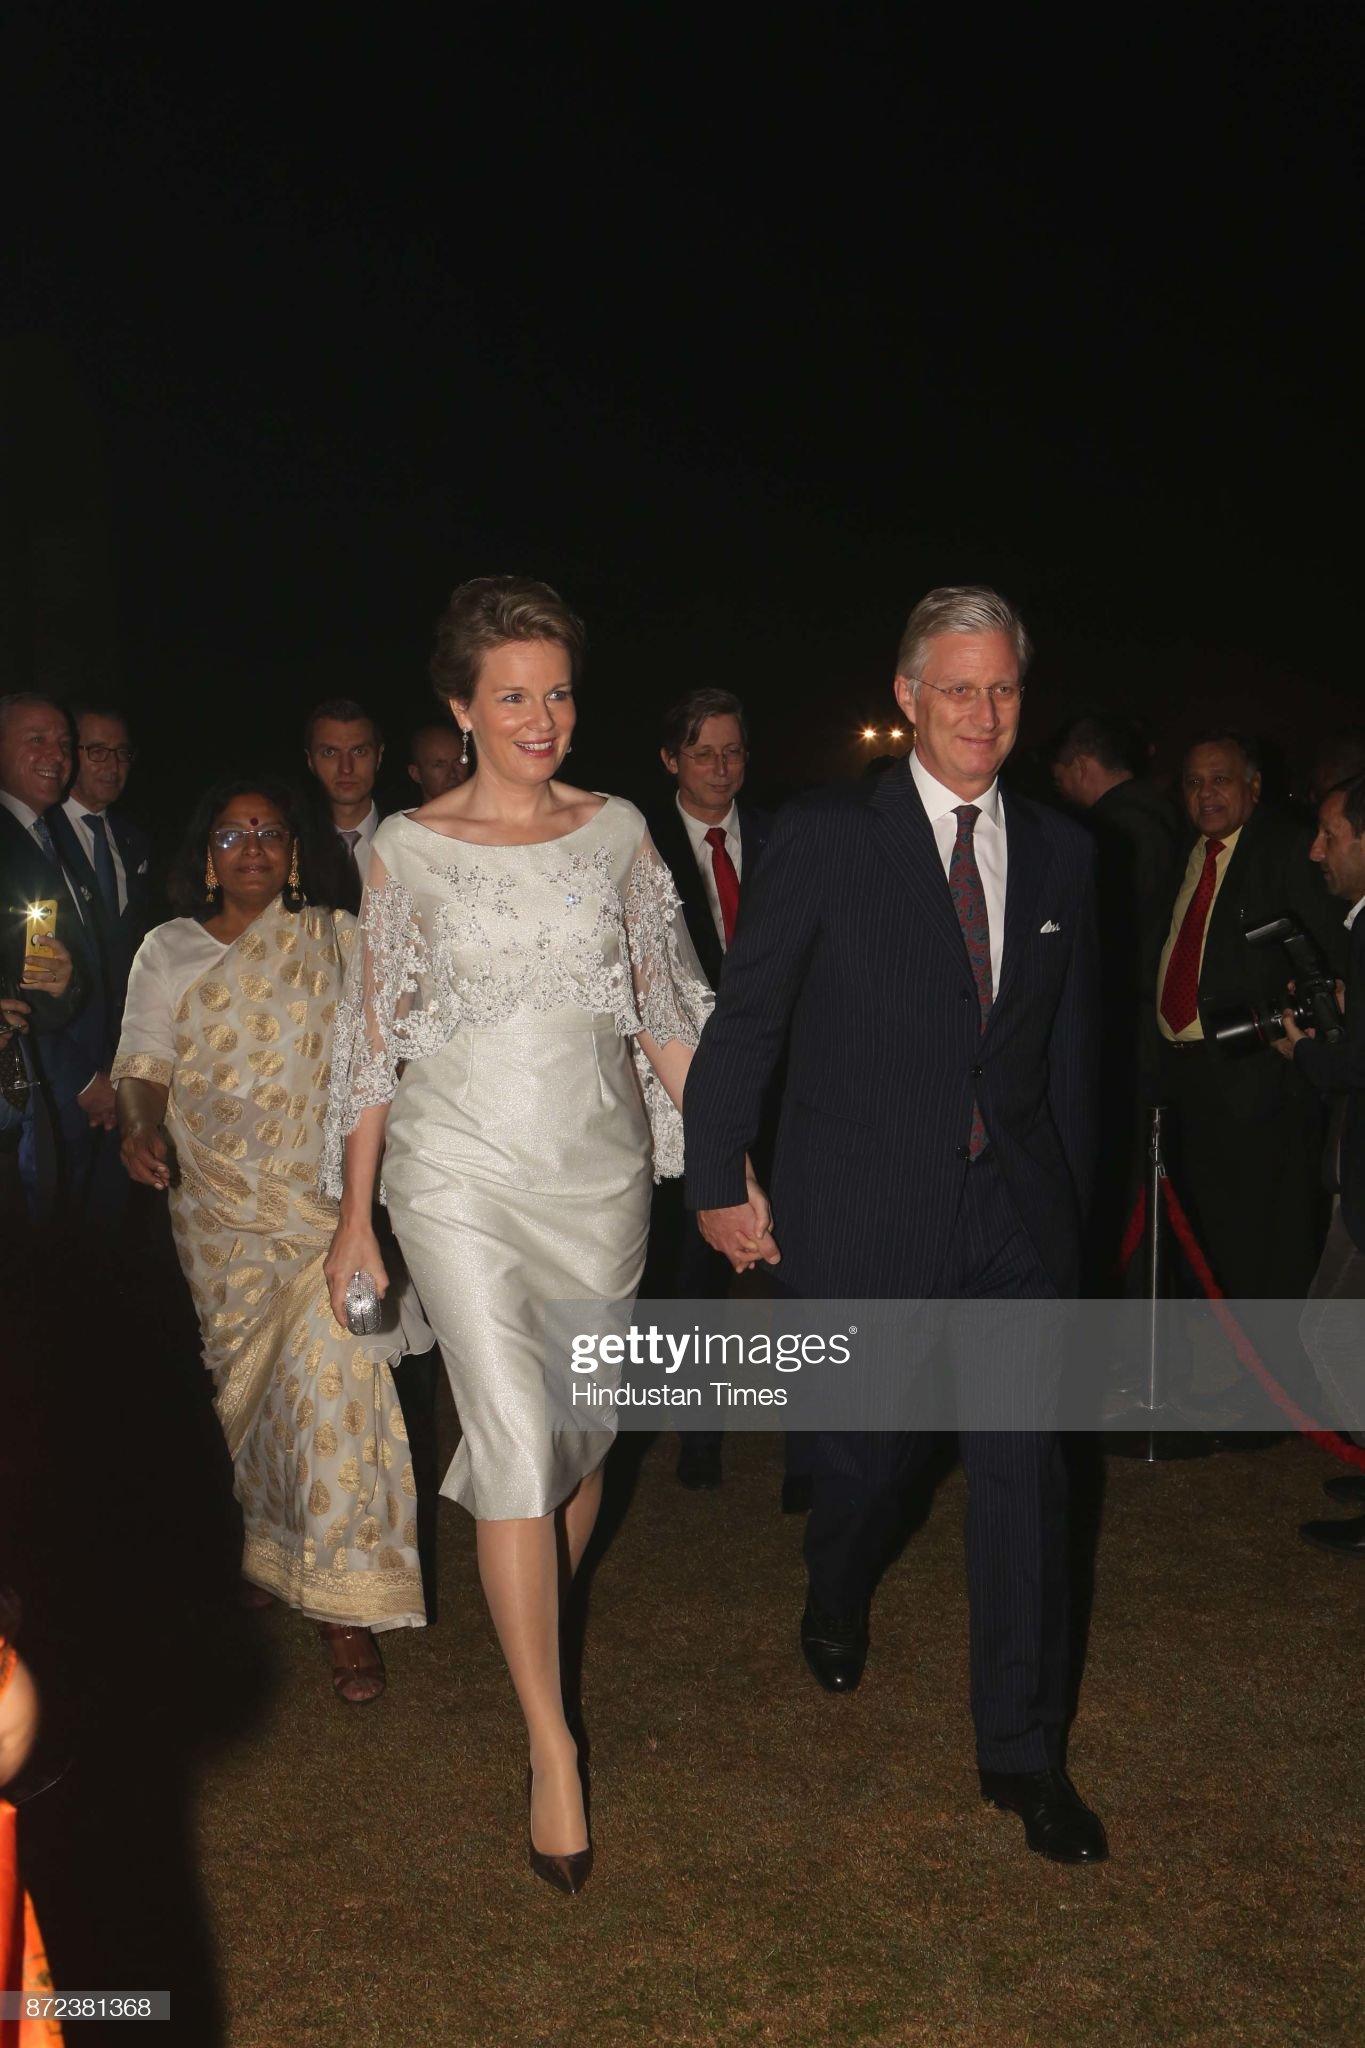 Вечерние наряды Королевы Матильды Belgian Ambassador To India Jan Luykx Hosts A Reception Party : News Photo